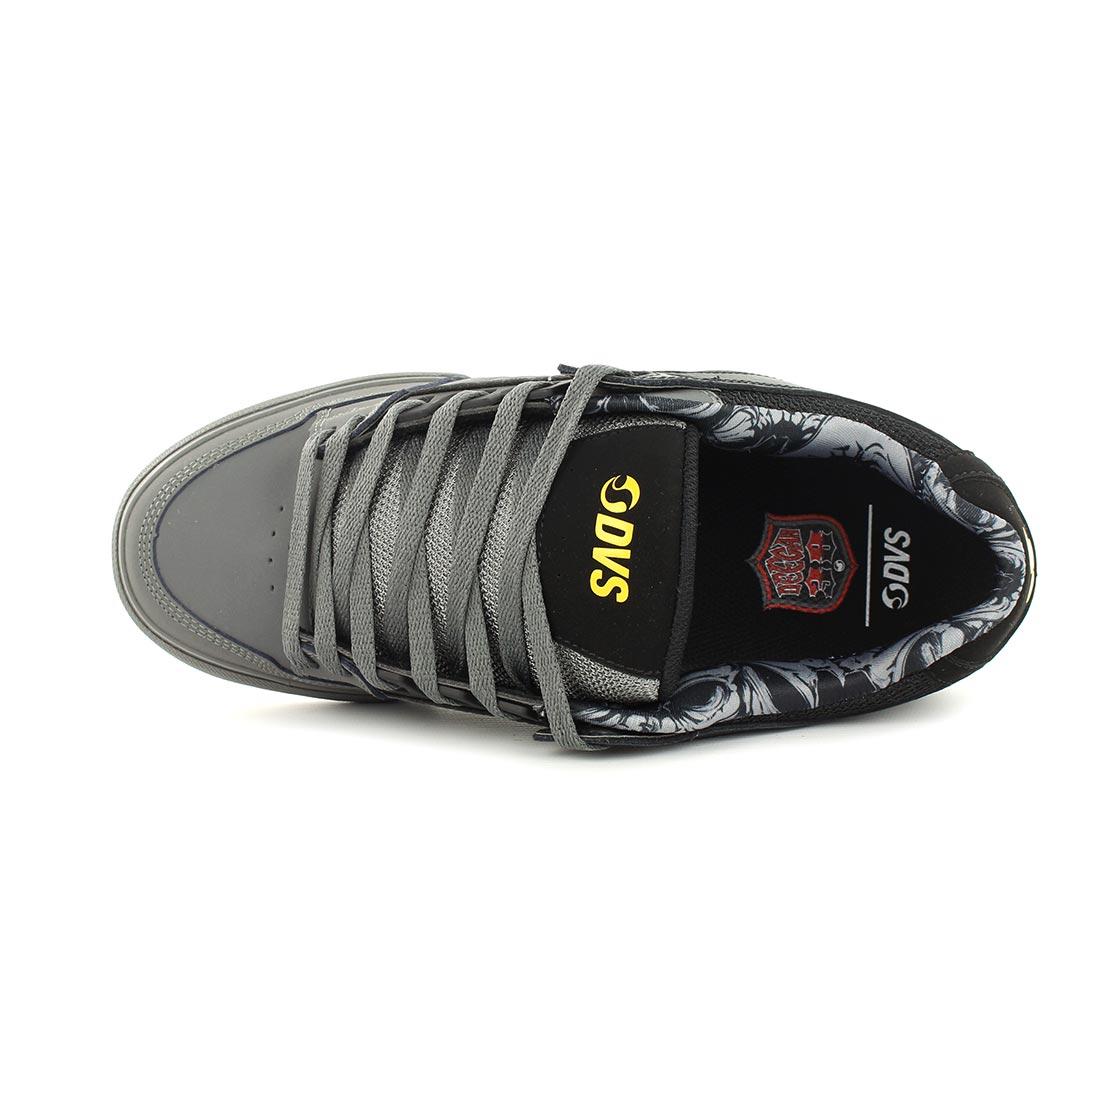 DVS Shoes Celsius CT - Black Charcoal